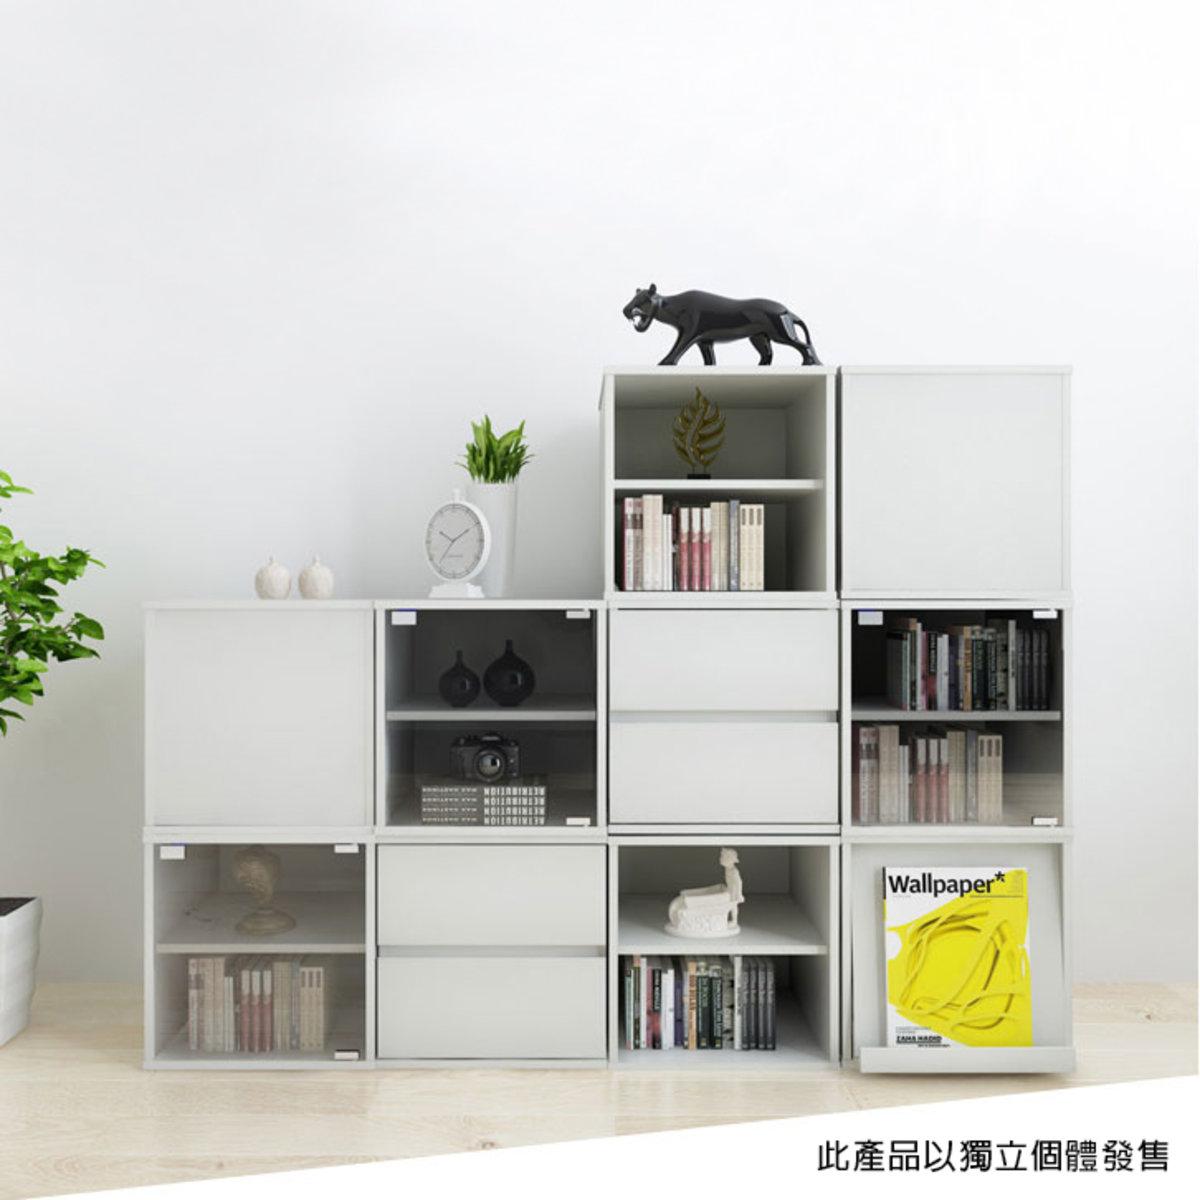 DIY Lockers / Cabinet